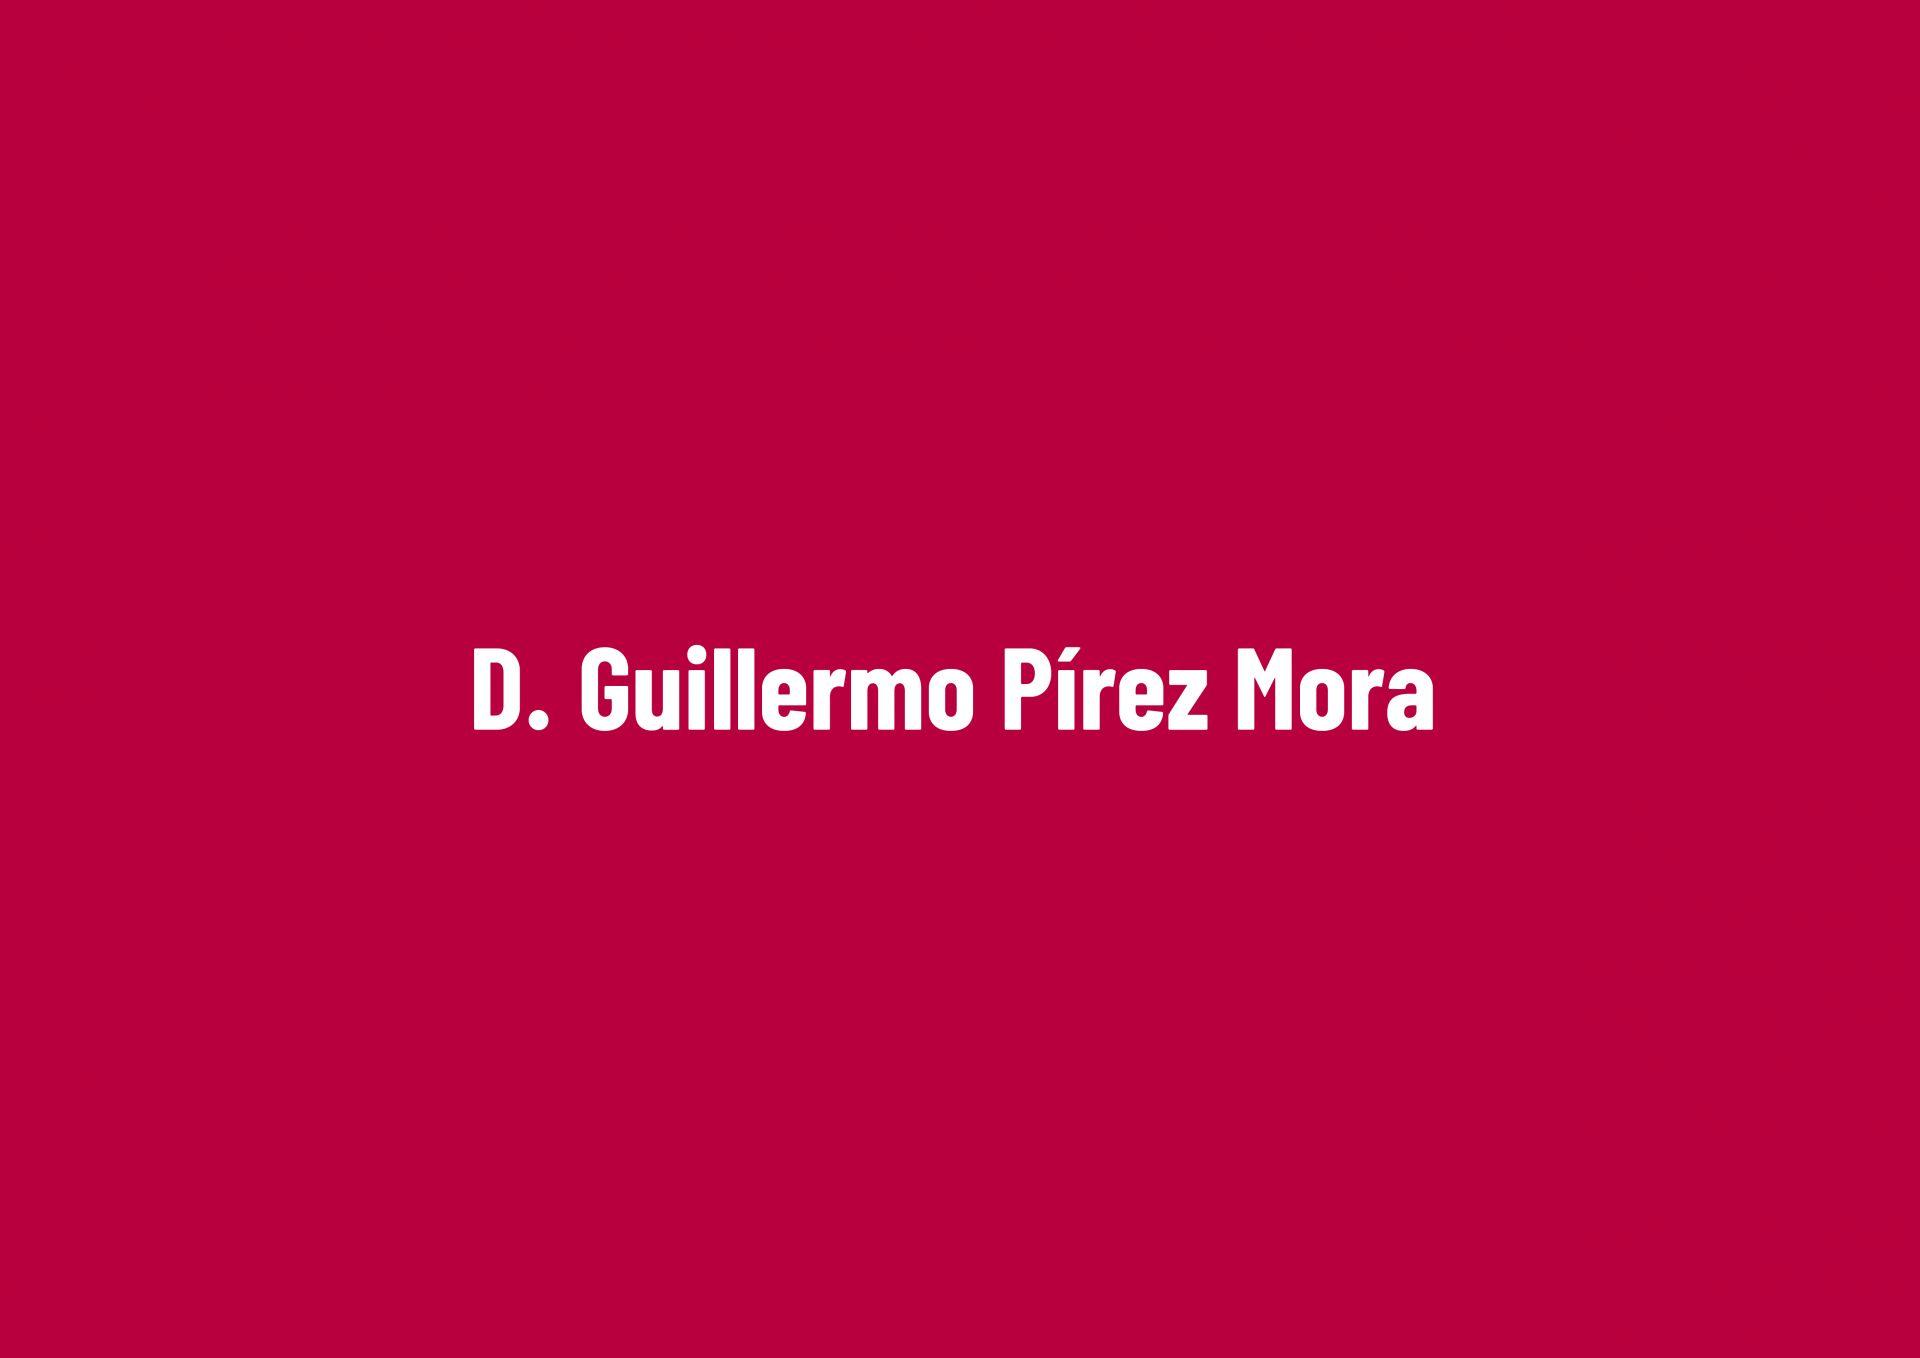 Dr. Guillermo Pírez Mora